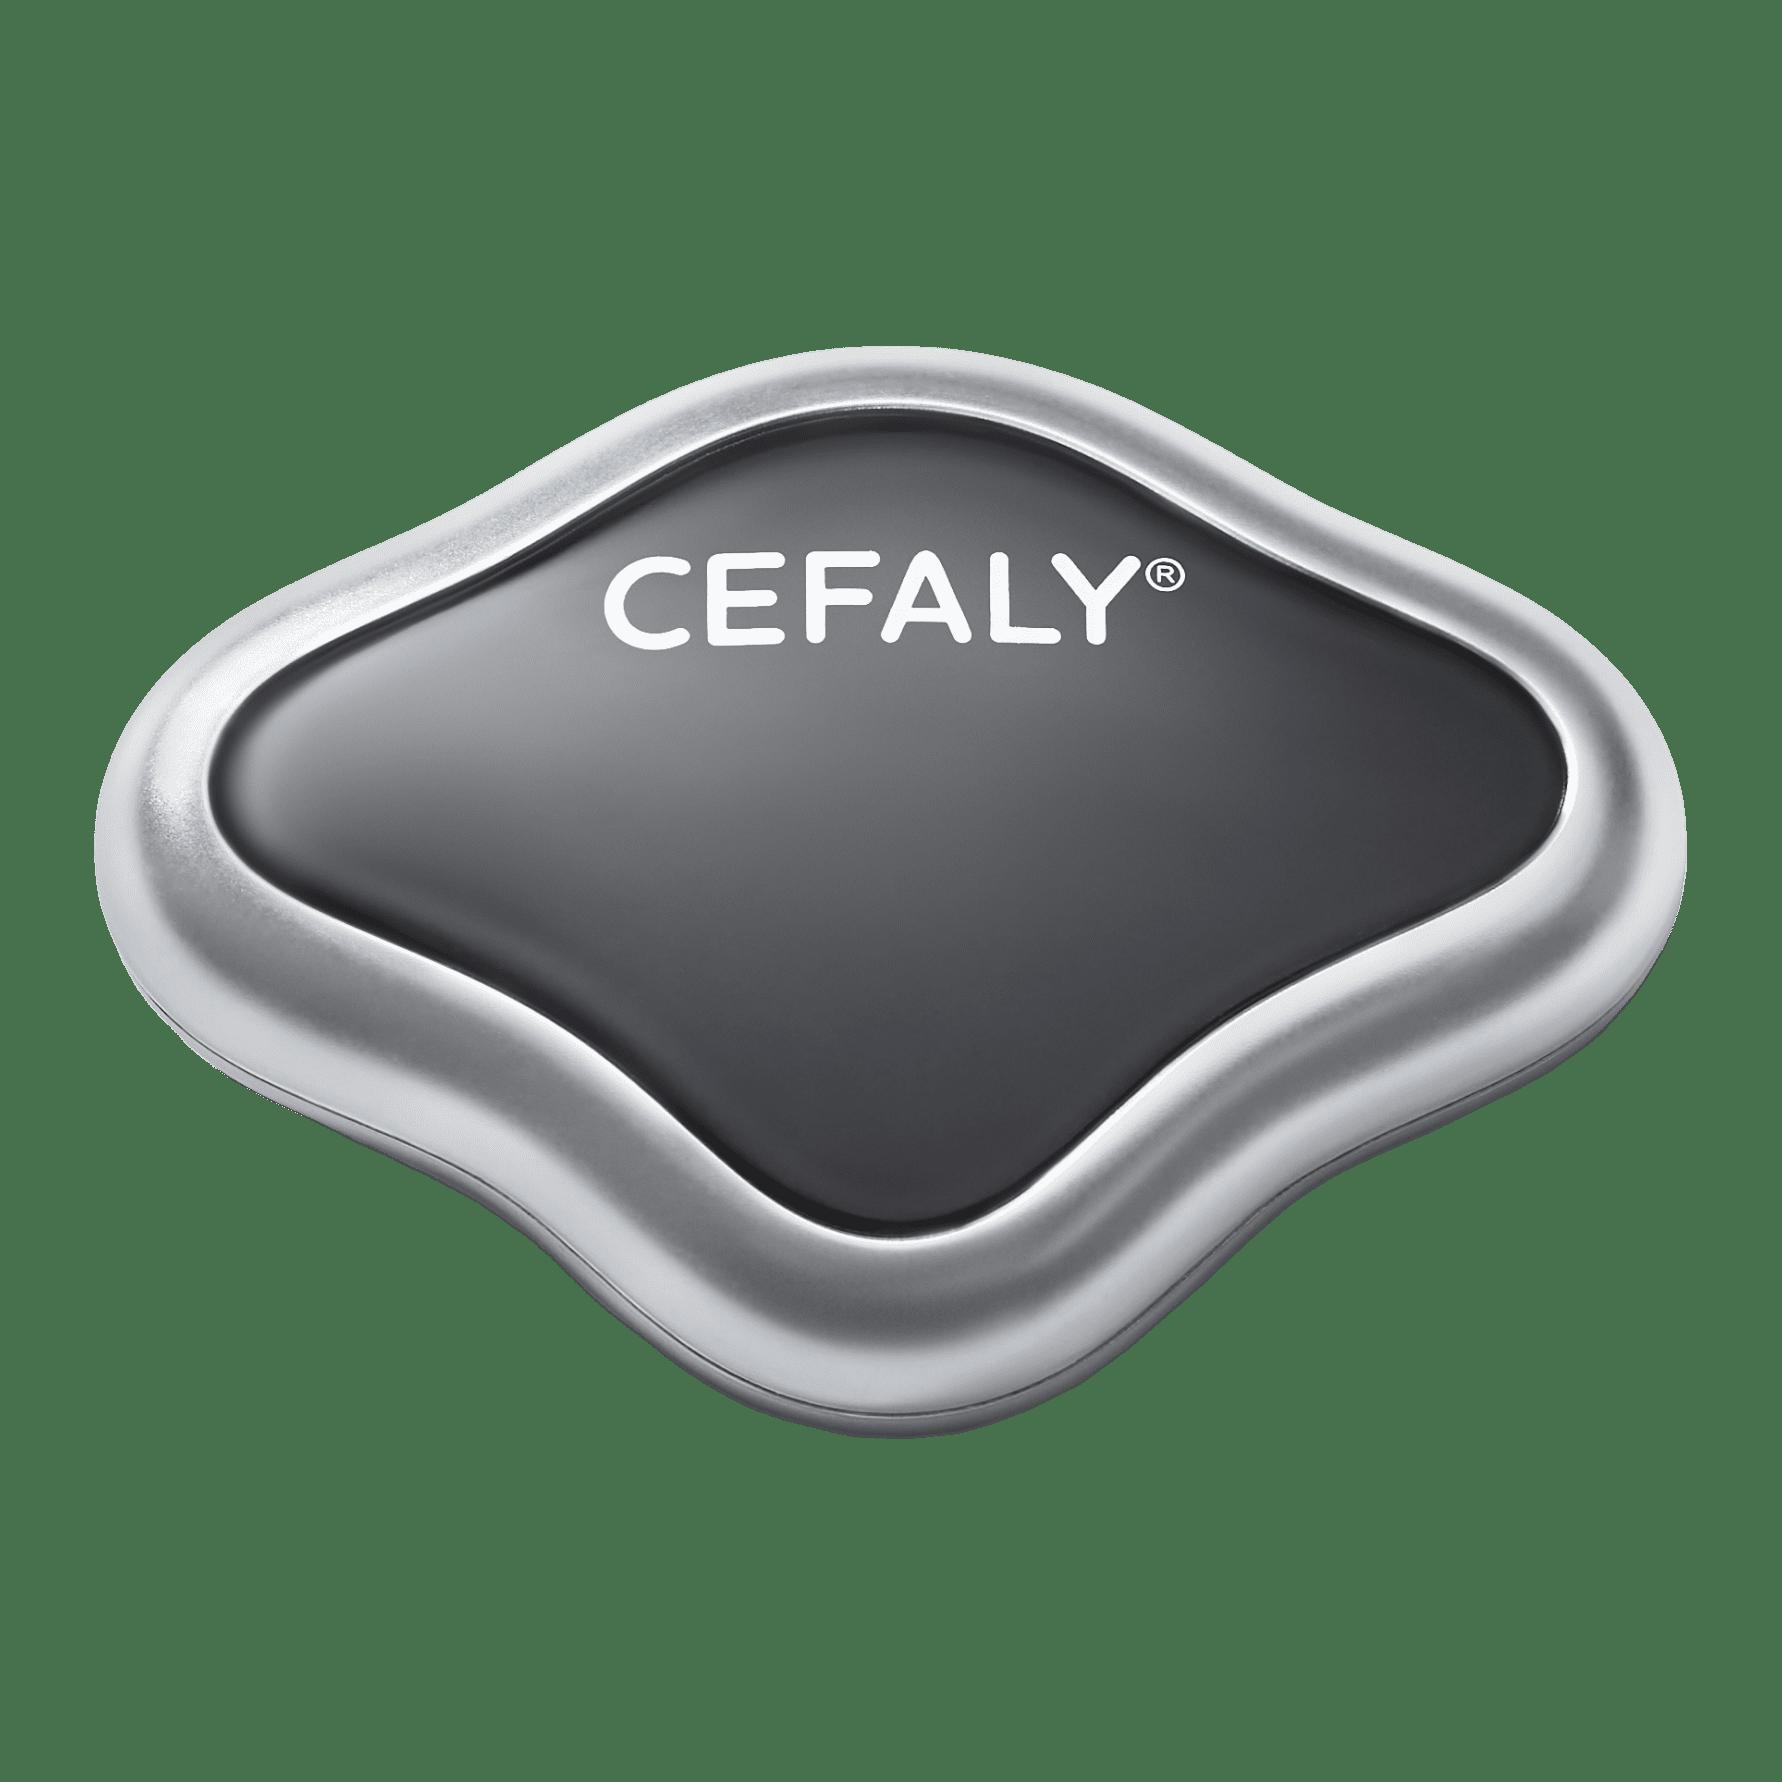 Image de dispositif CEFALY